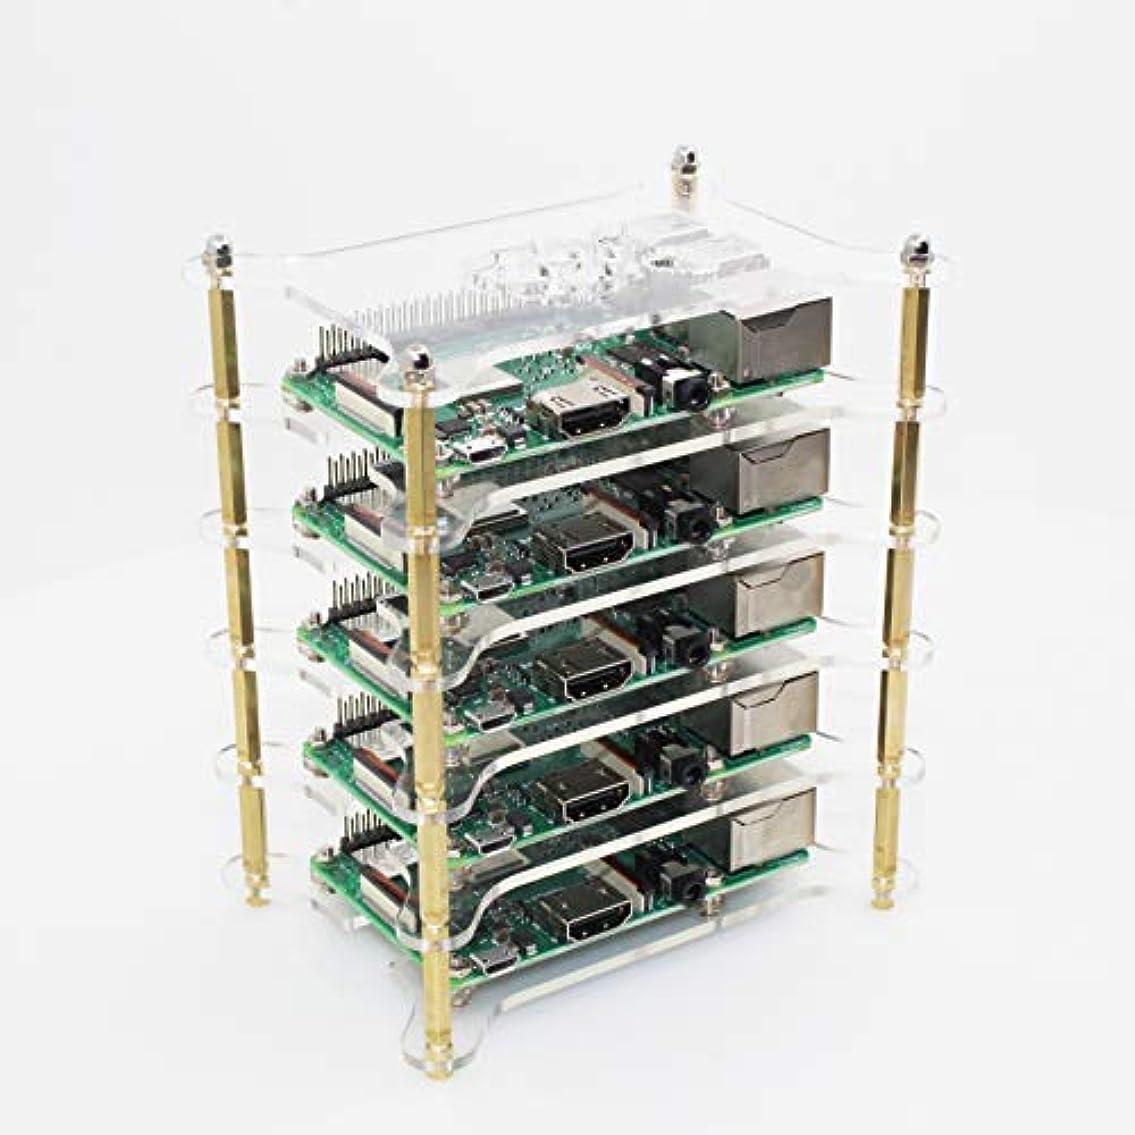 枝寝室嘆願6 (6個) 透明 積み重ね可能 アクリルエンクロージャ Raspberry Pi 1 Model B+、Pi 2 Model B、Pi 3 Model B/B+用